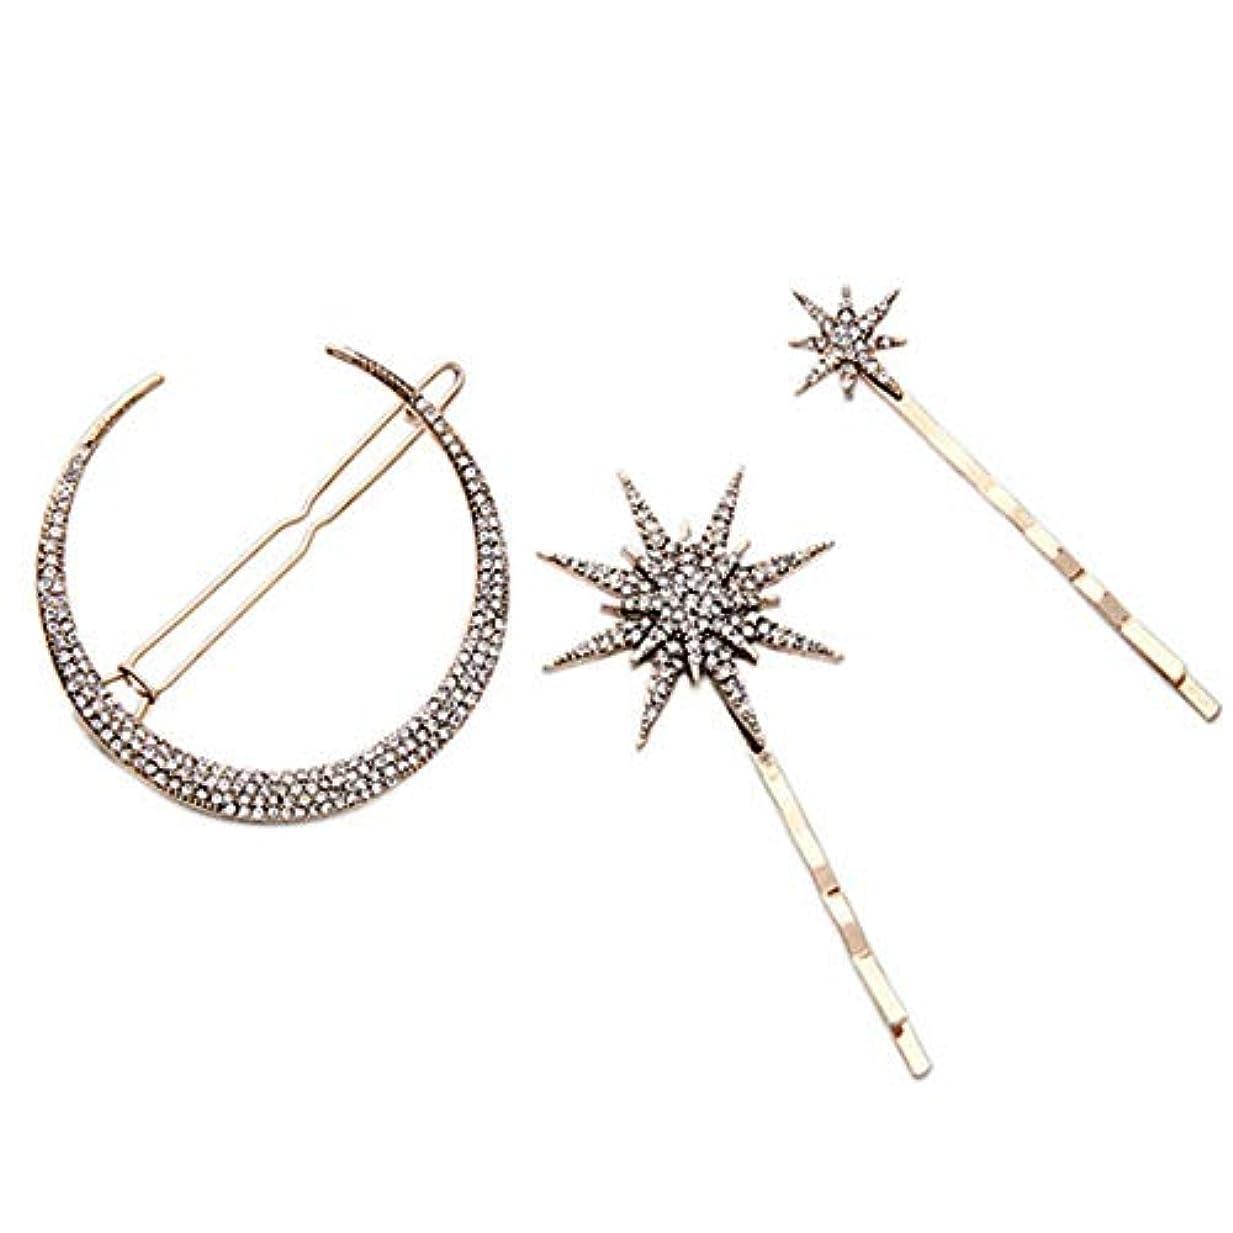 信頼子音マッサージ3ピースファッション幾何スタームーン模造ダイヤモンドヘアピンヘアアクセサリー女性ヘアクリップツール